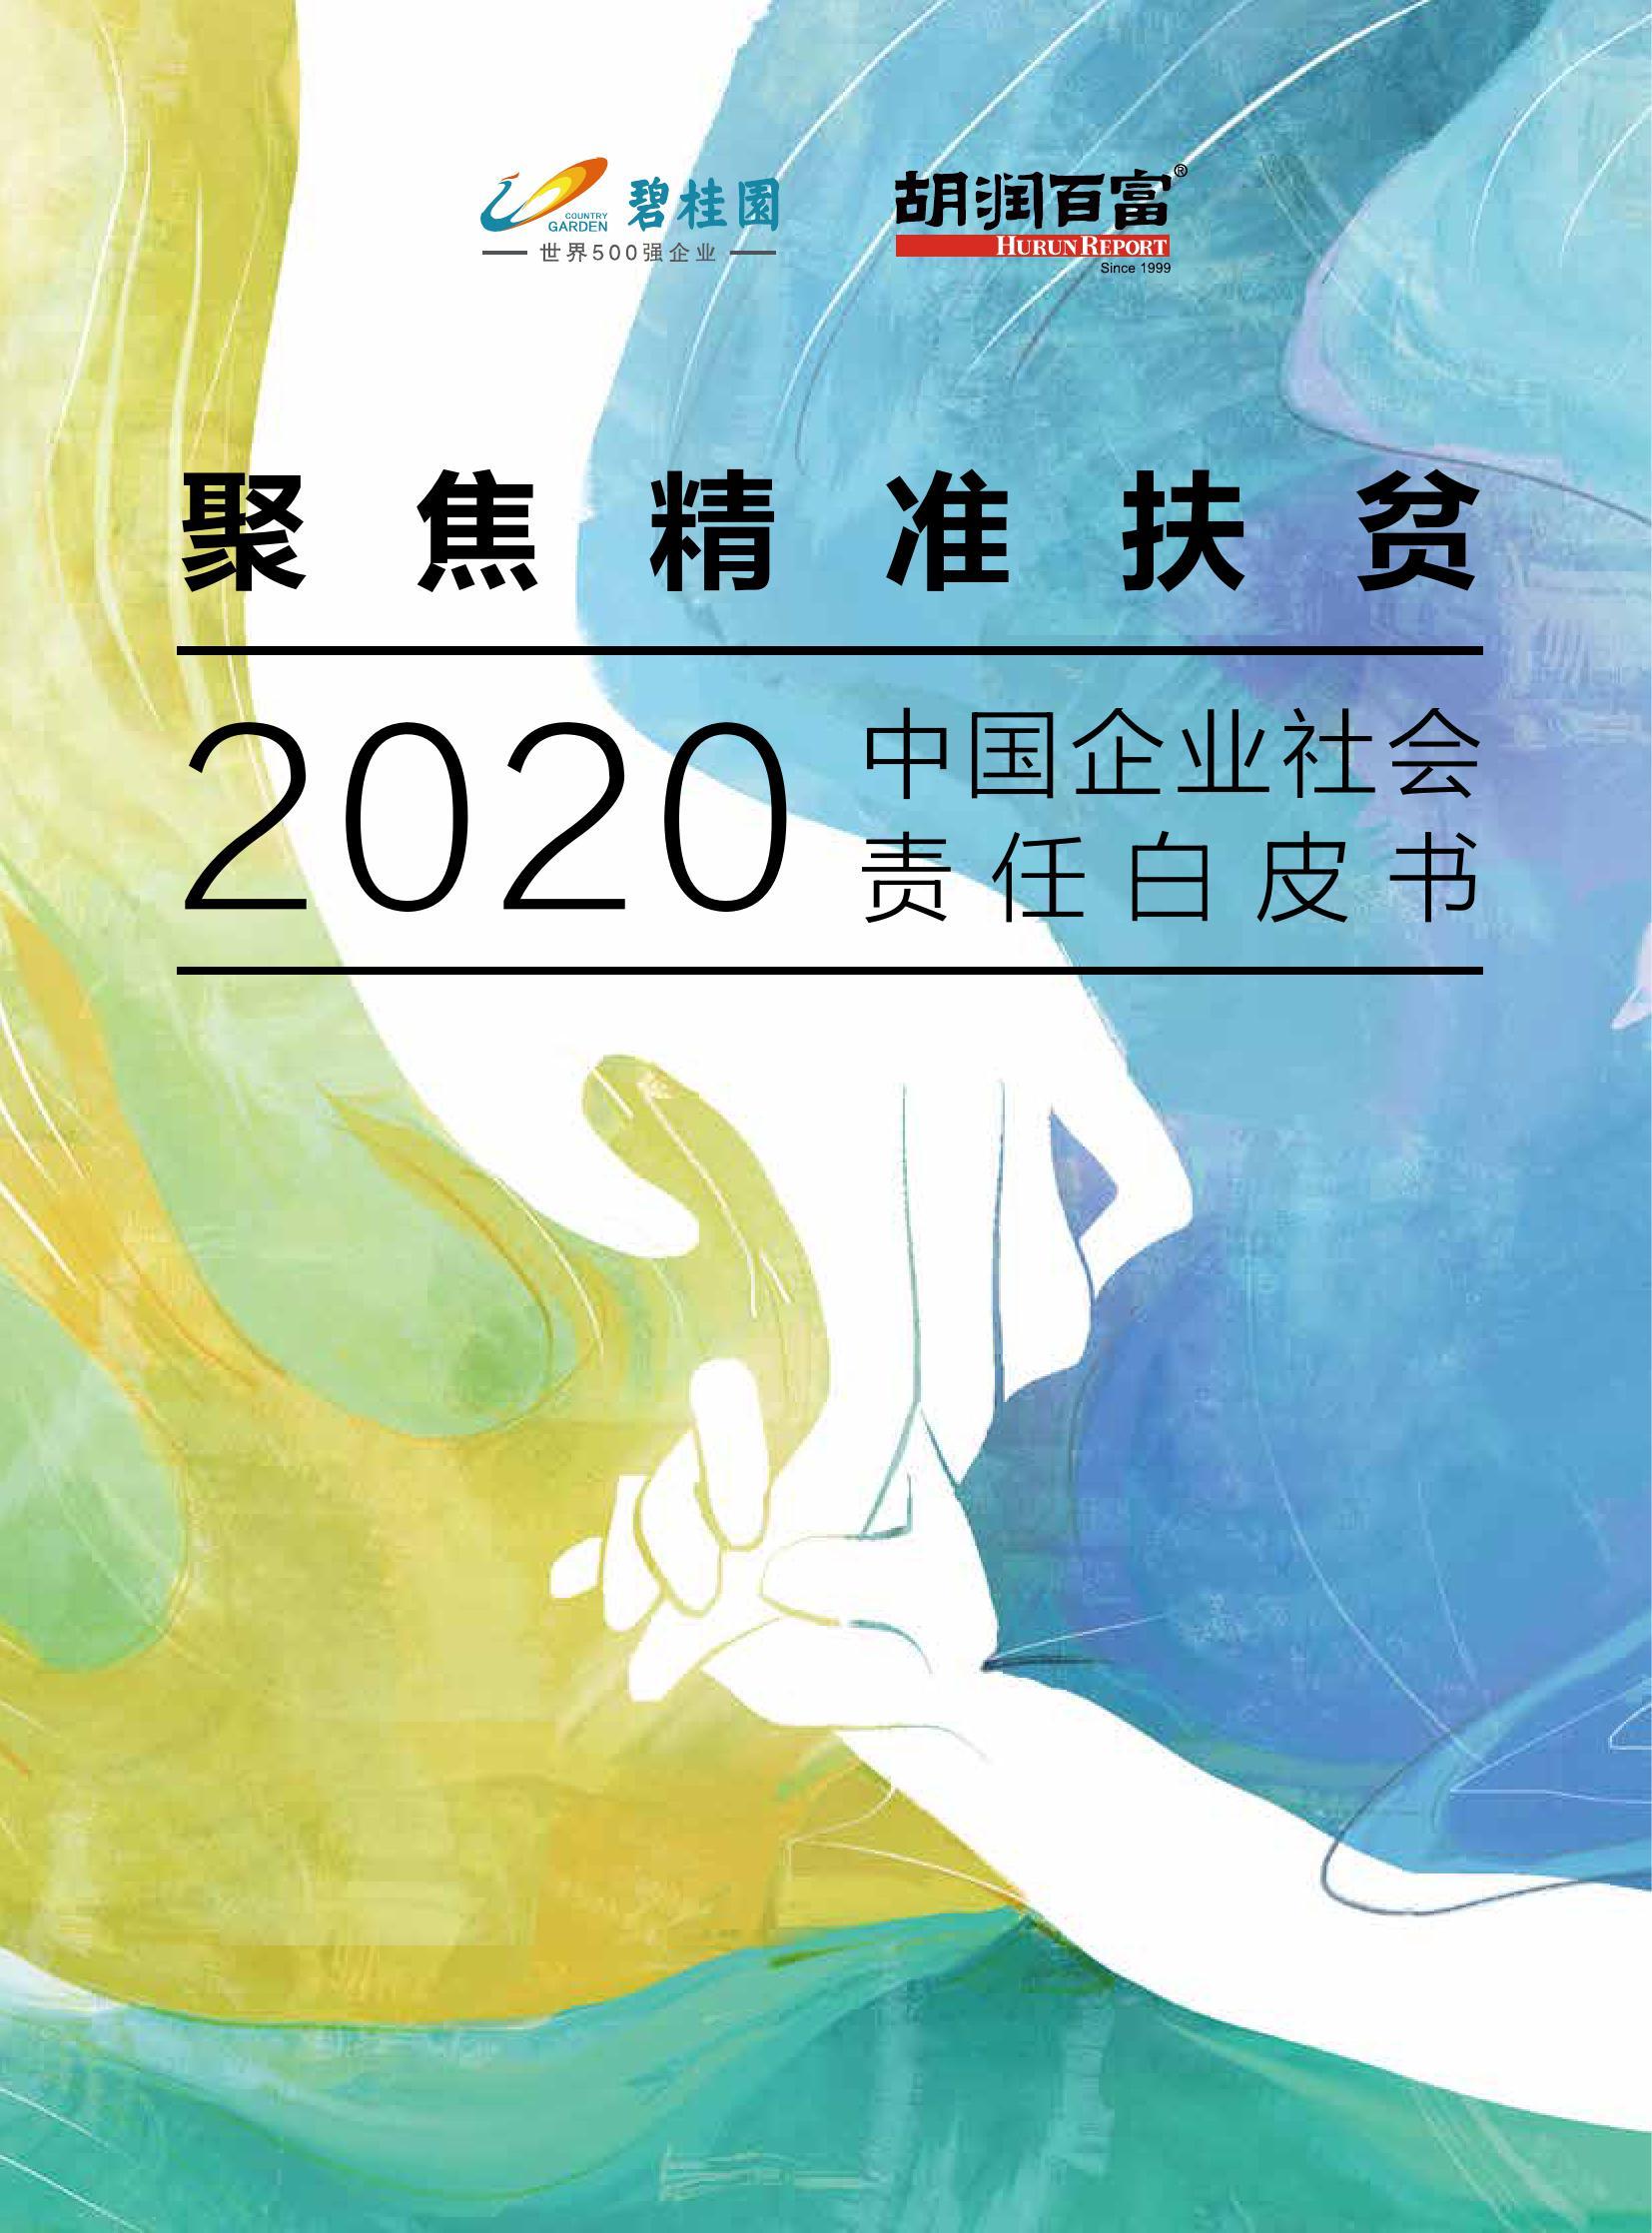 胡润研究院:2020中国企业社会责任白皮书(附下载)